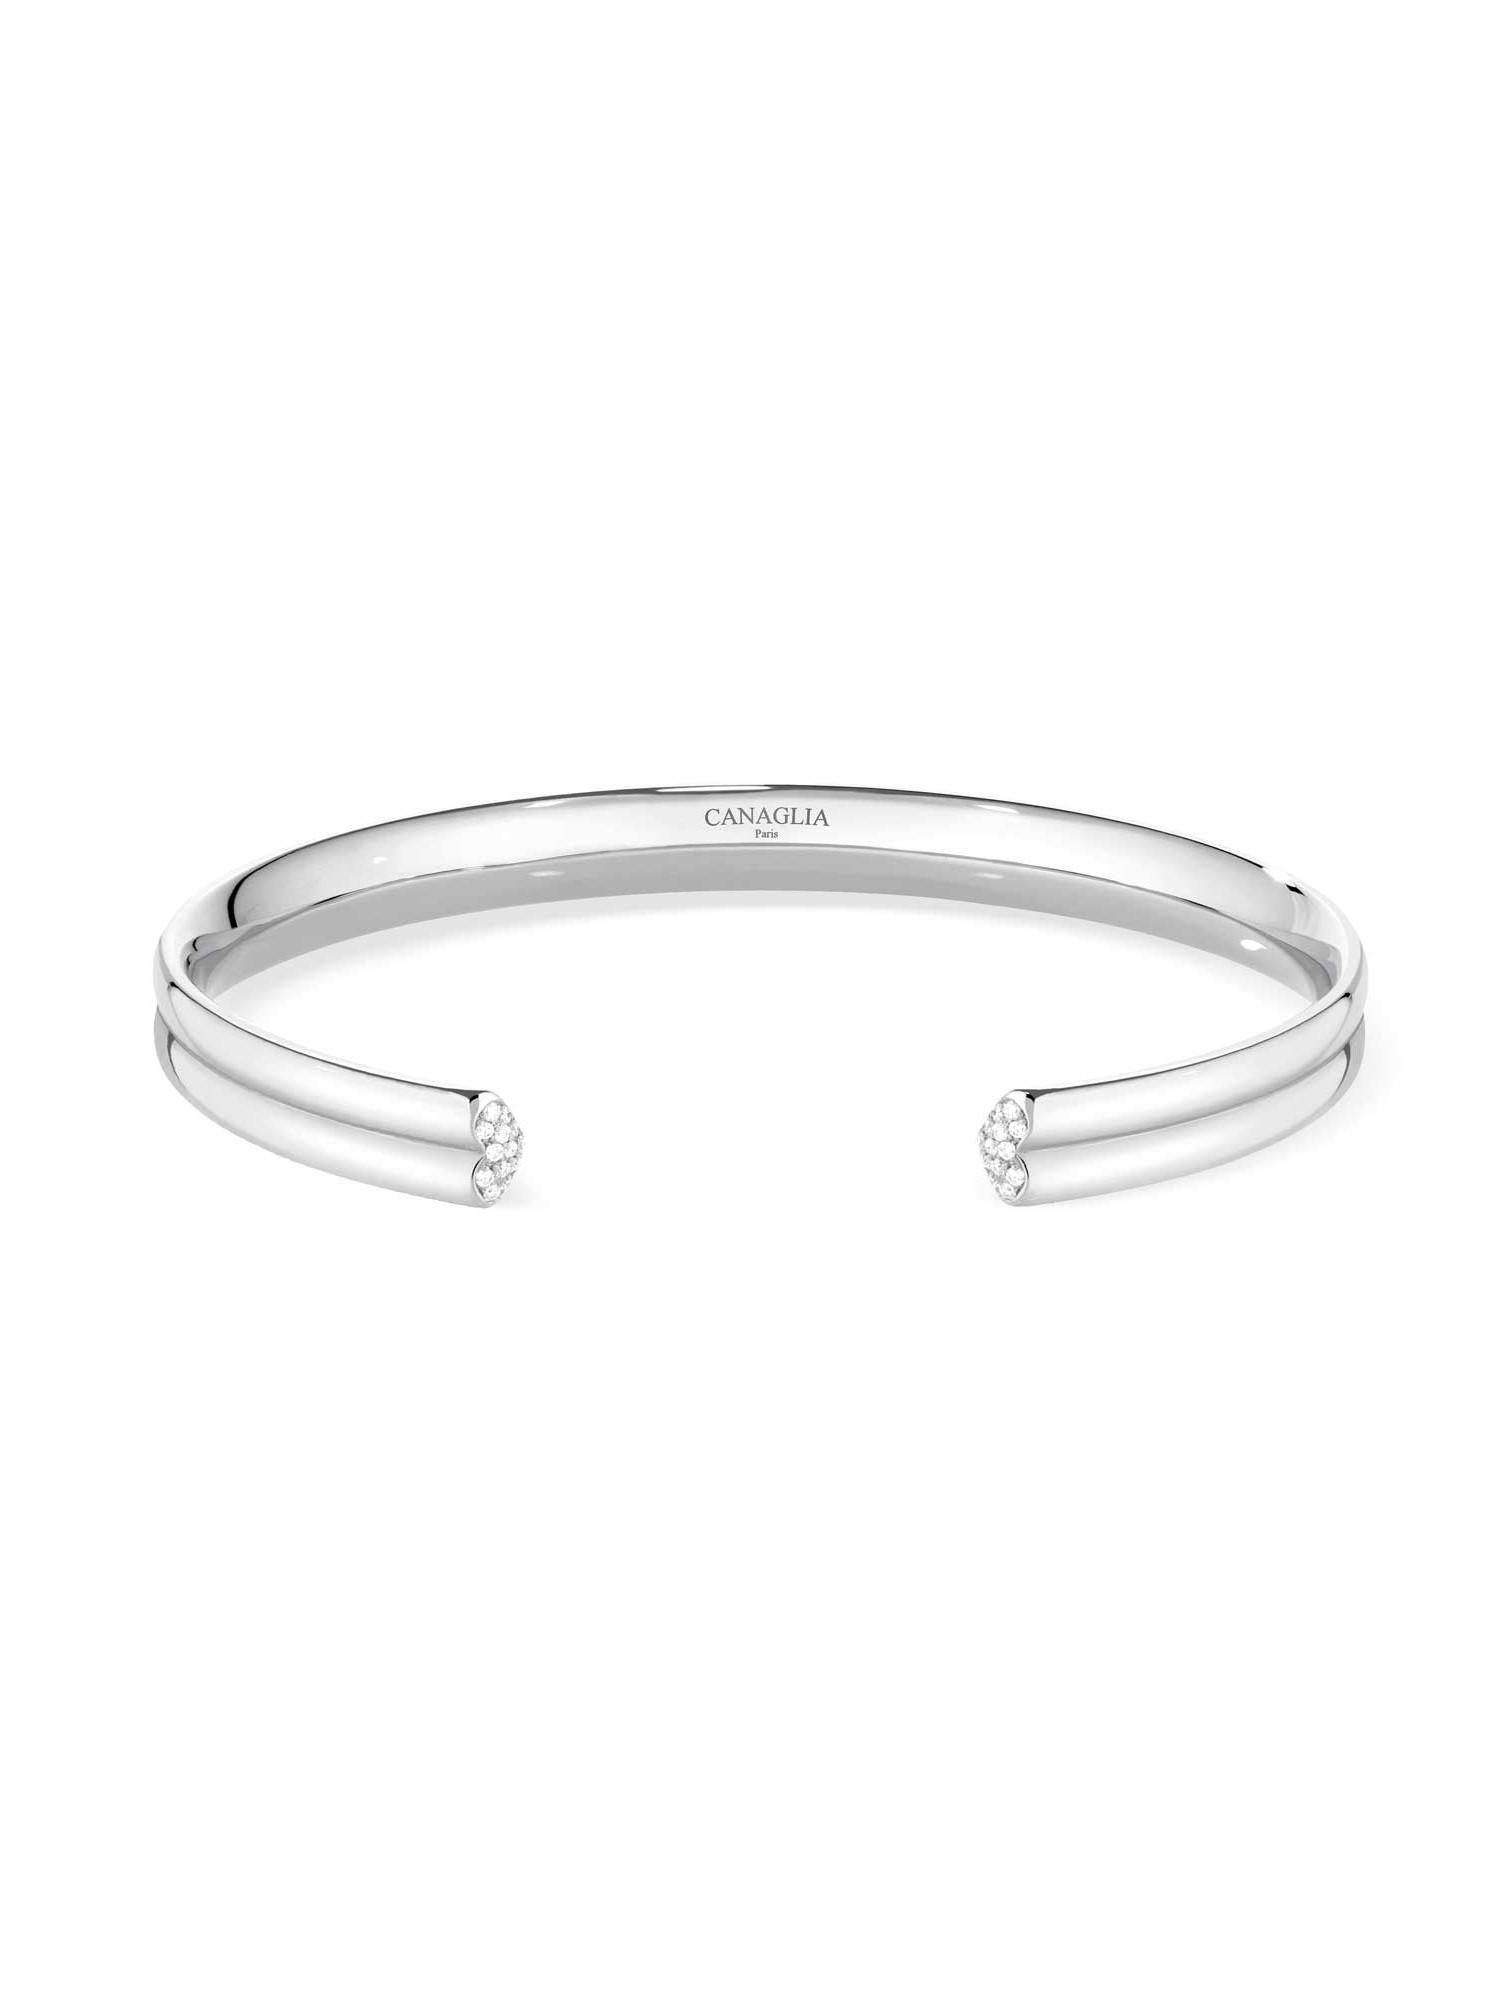 Bracelet coeur or gris pavage diamants - Joaillerie Canaglia Paris-Milan